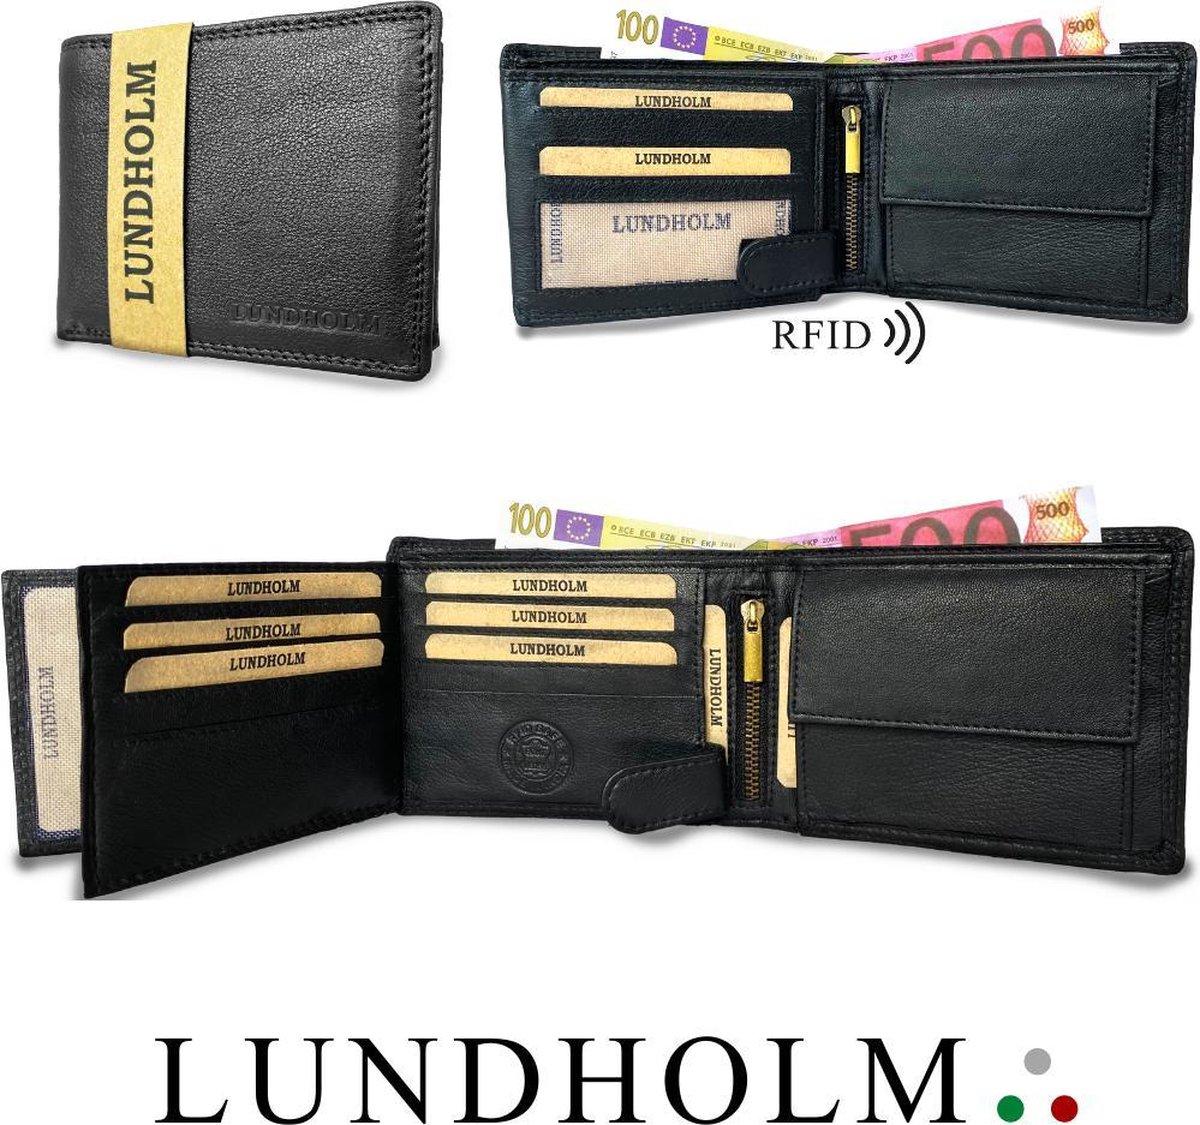 Lundholm leren heren portemonnee heren leer zwart - RFID anti-skim - zeer soepel nappa leer